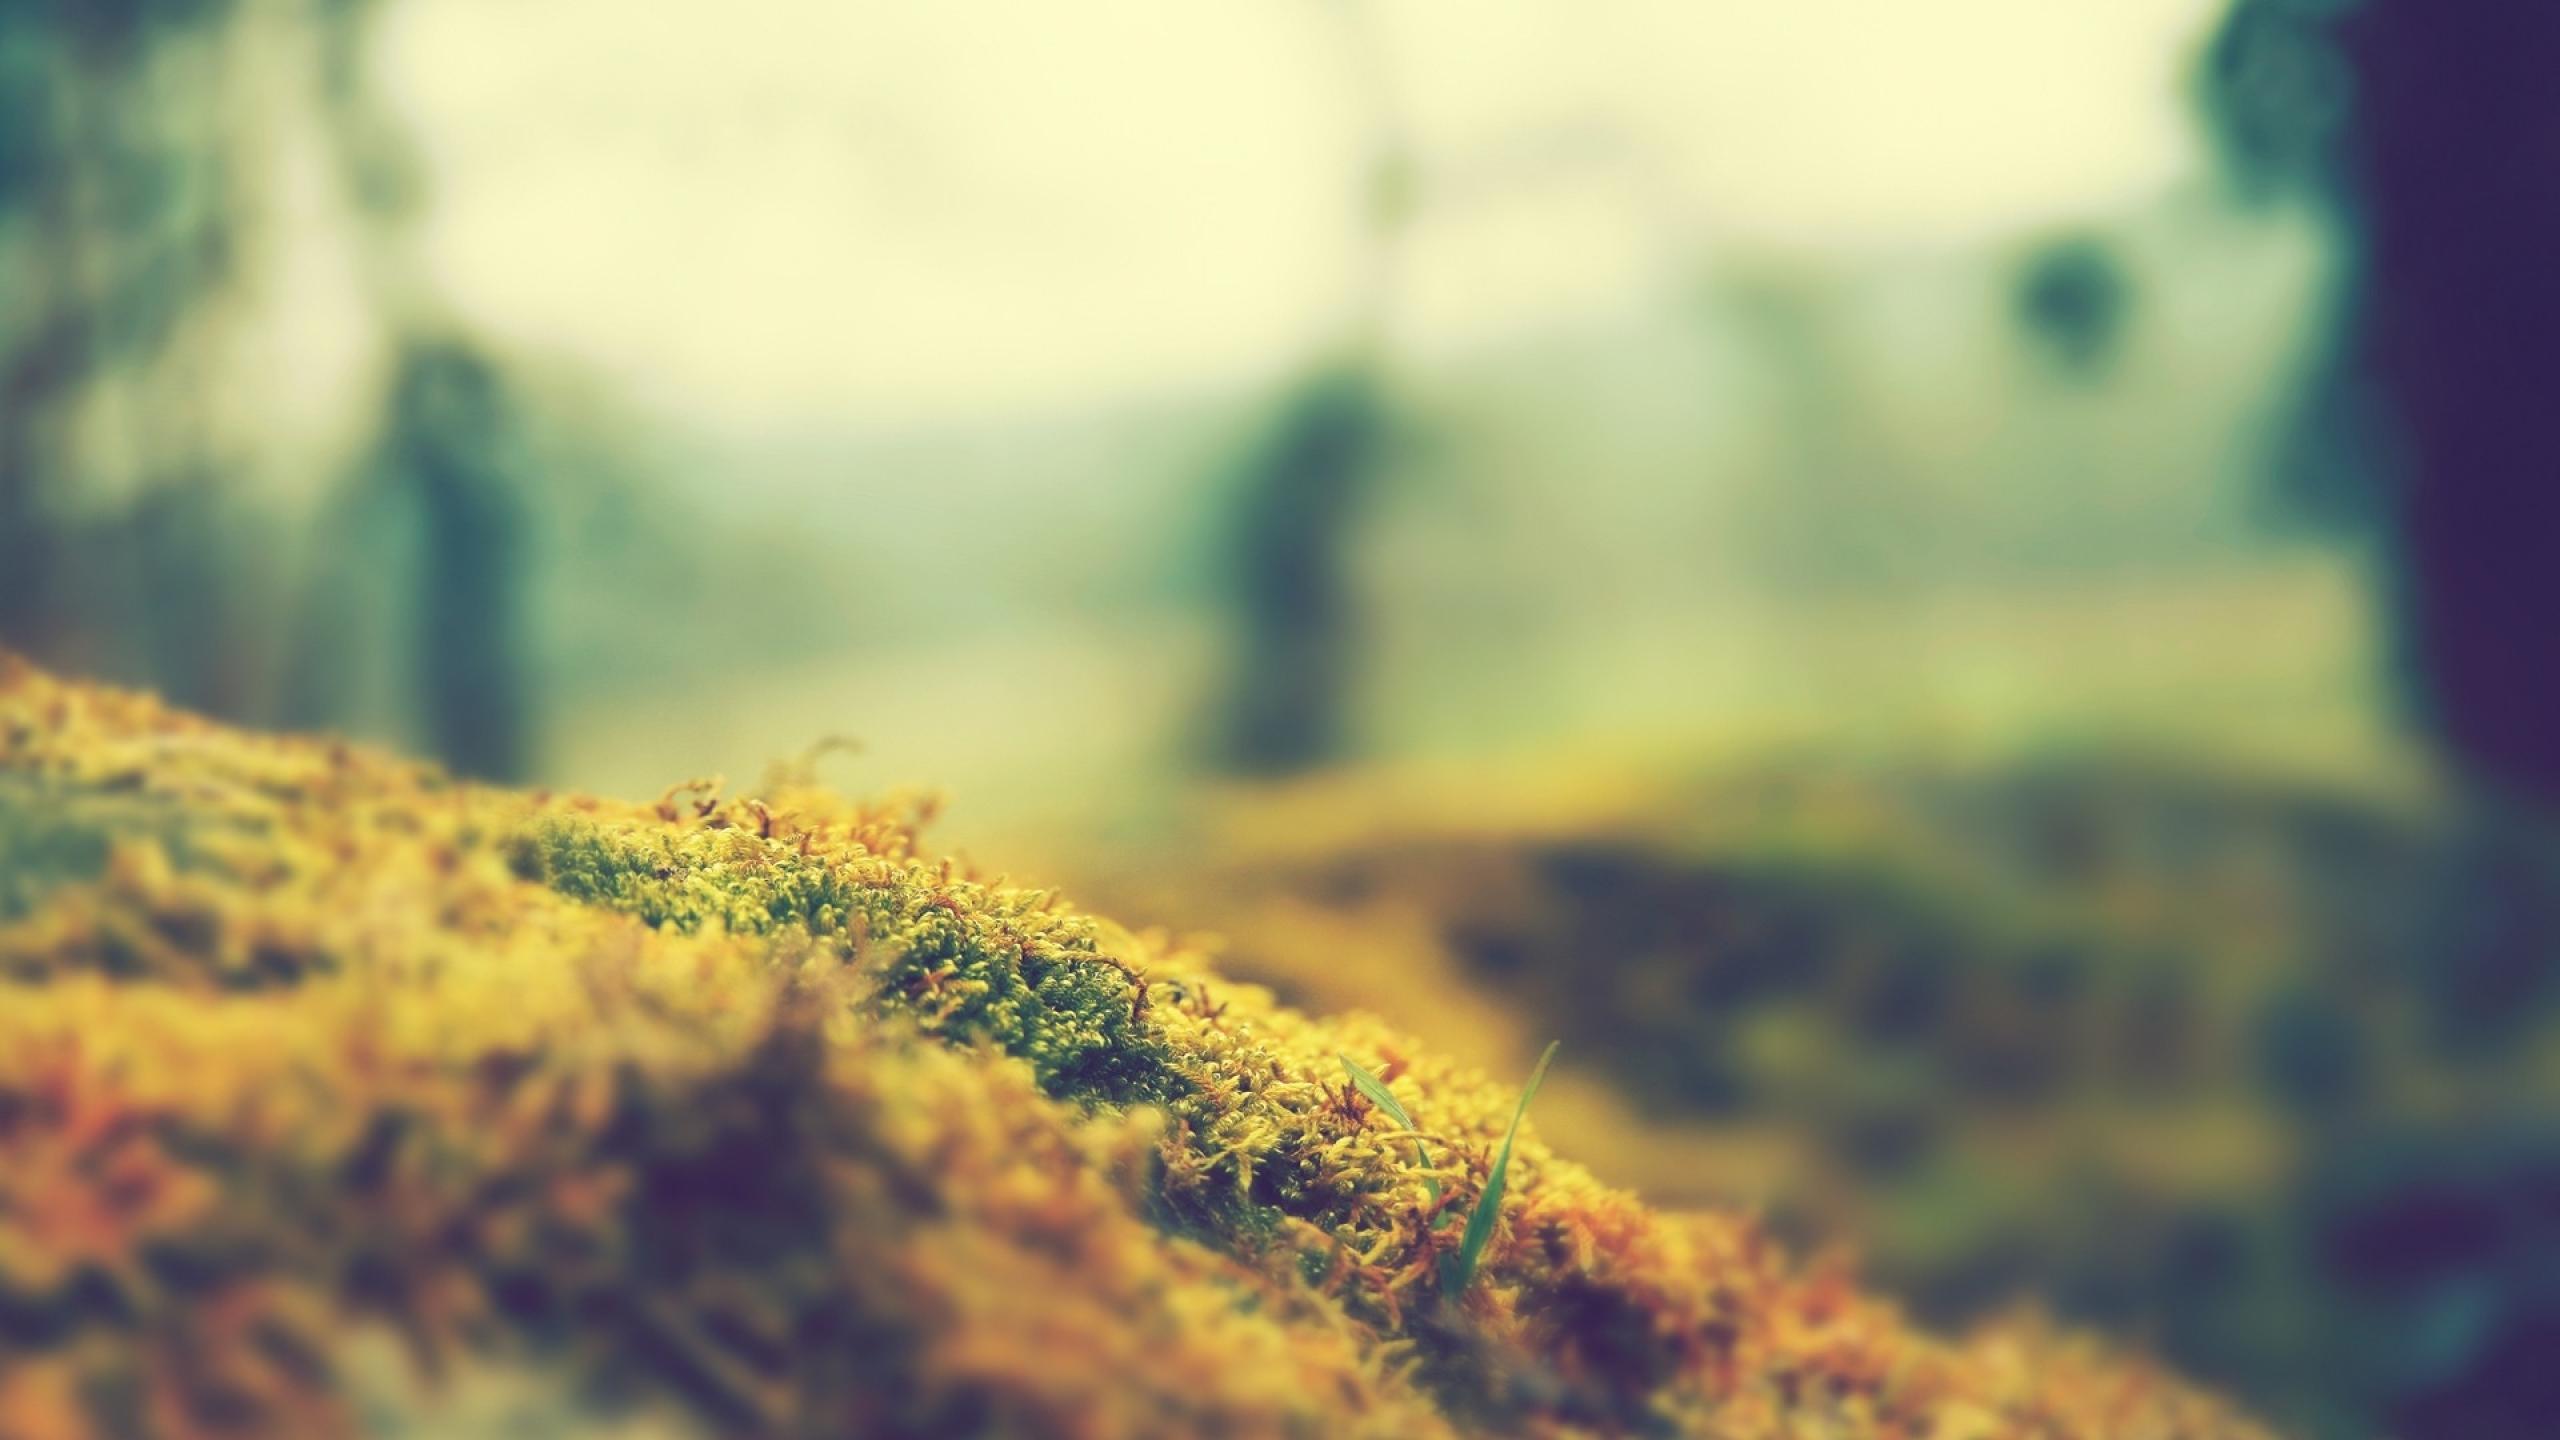 General 2560x1440 grass nature macro tilt shift plants moss photography